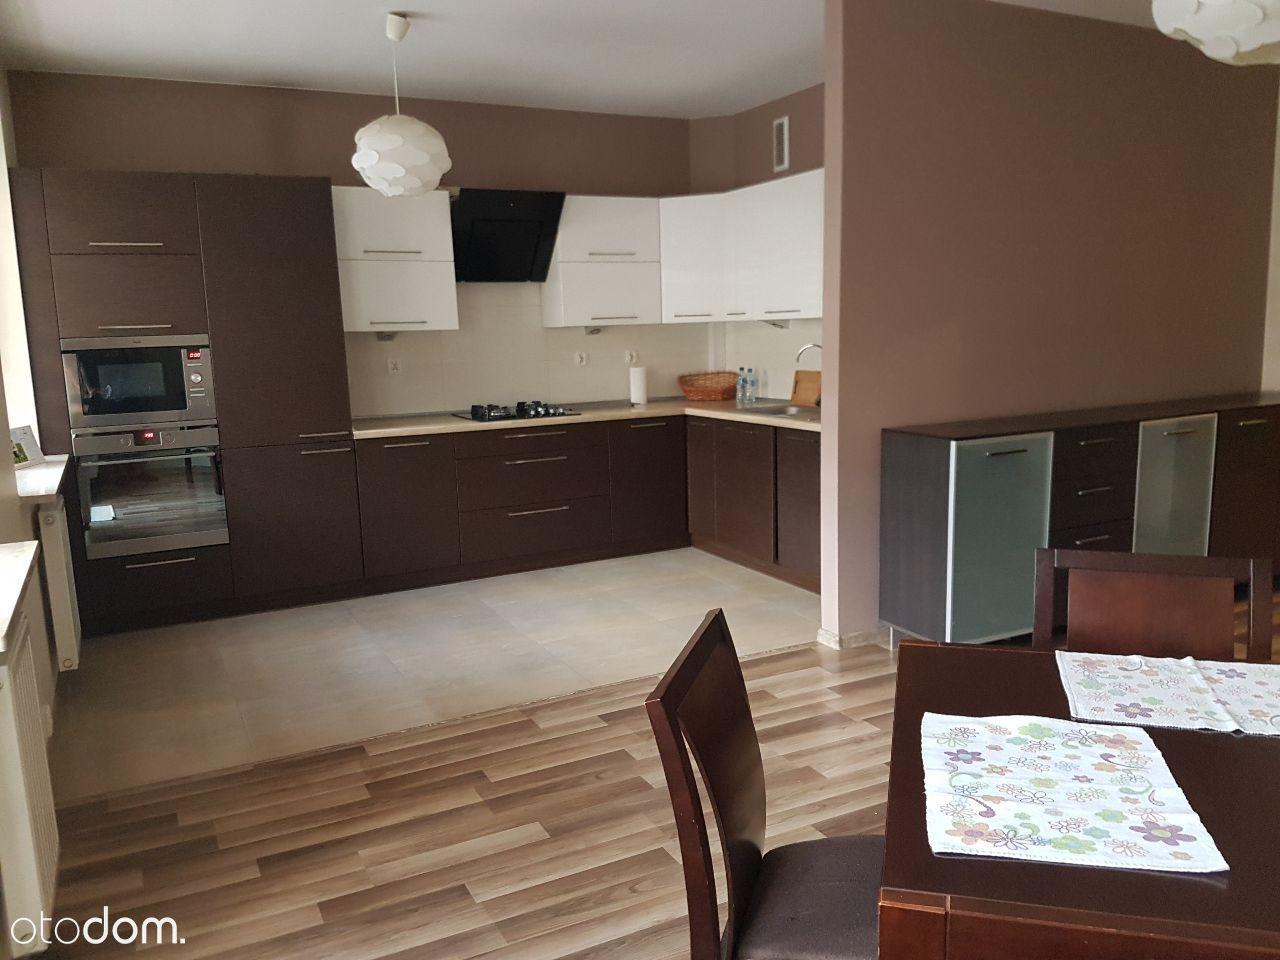 Mieszkanie 69 m2 wyposażone opcja miejsce garażowe